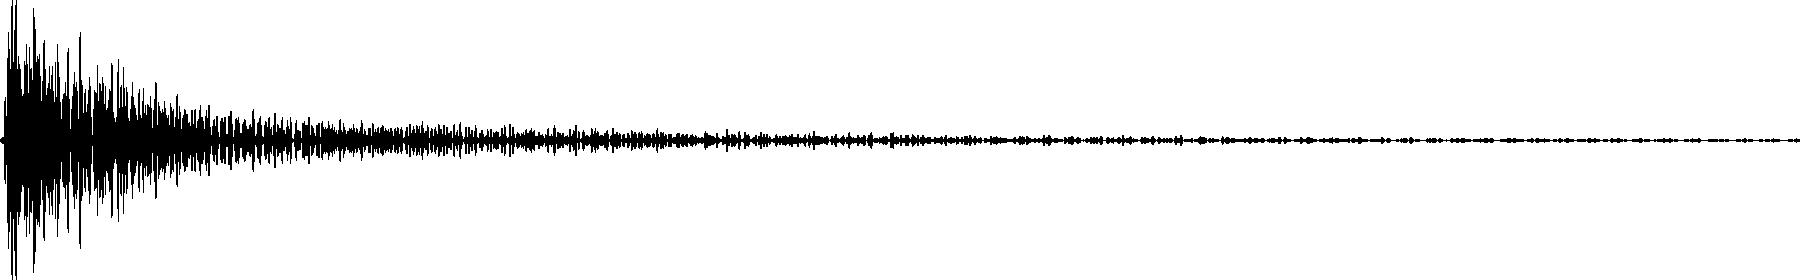 tom 7